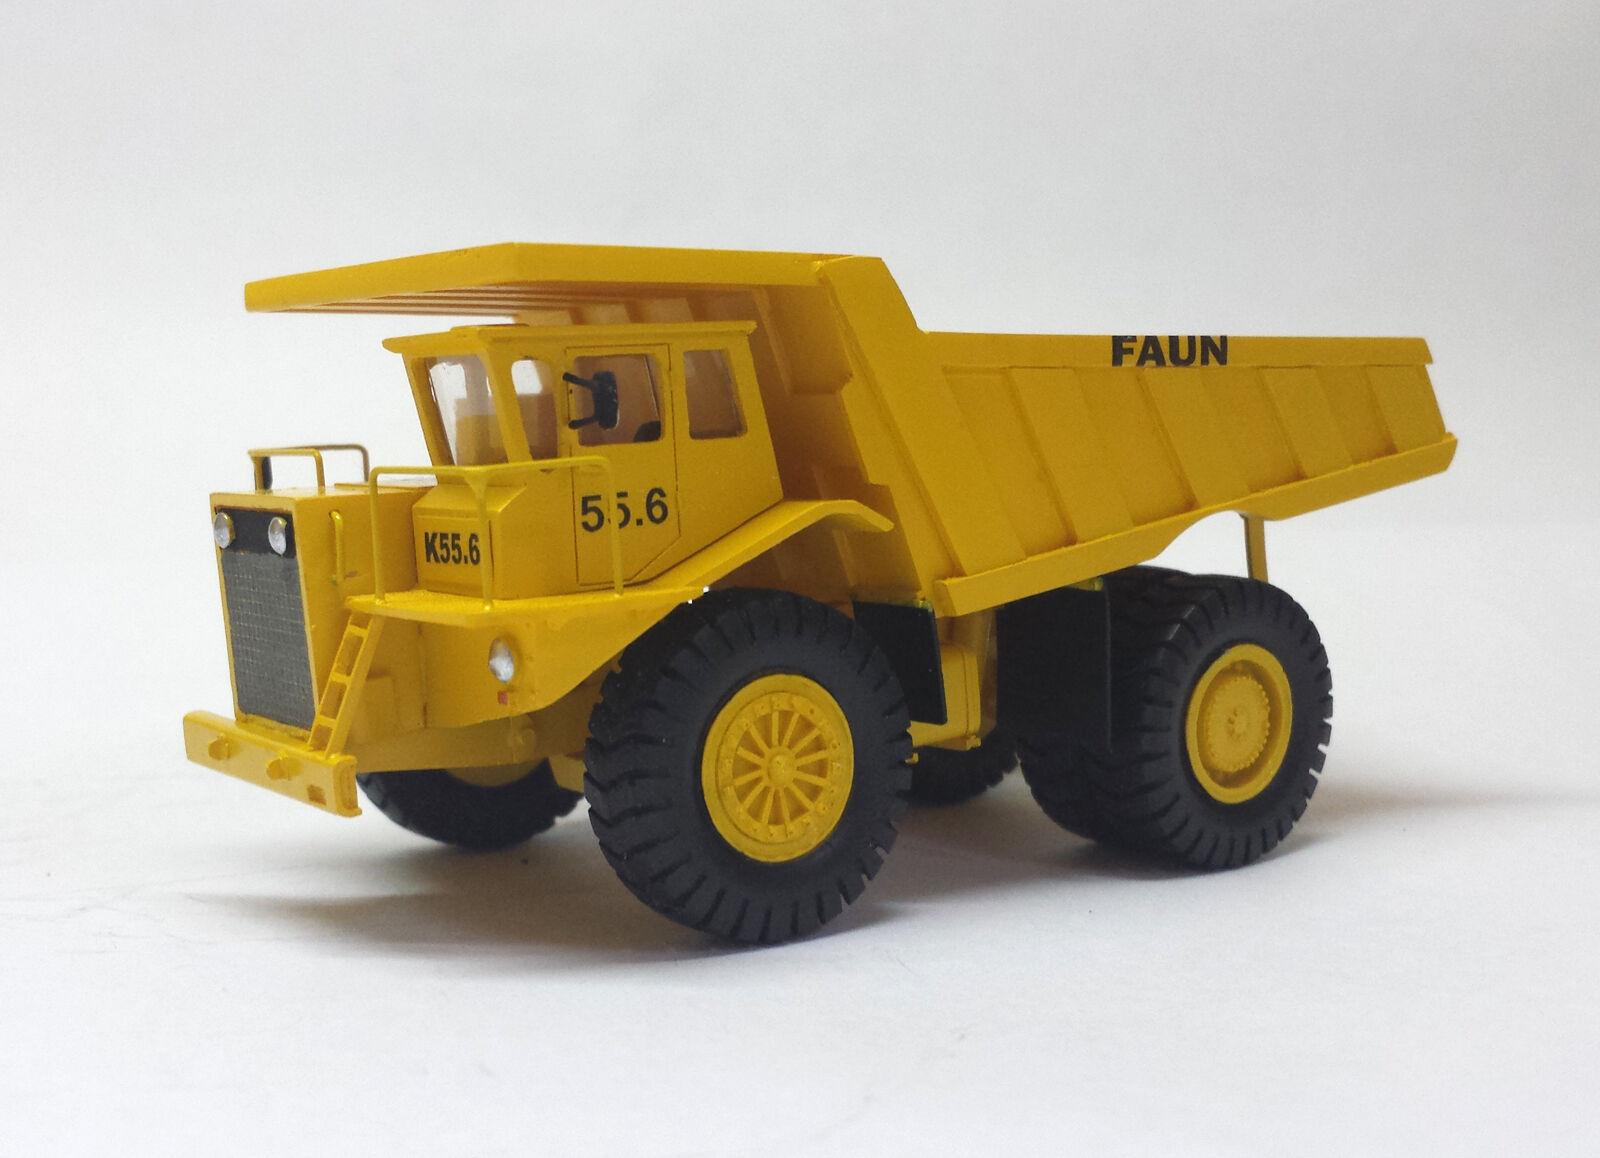 genuina alta calidad Listo resin ho 1 87 87 87 Faun k55.6 camiones de volteo-fankit Models